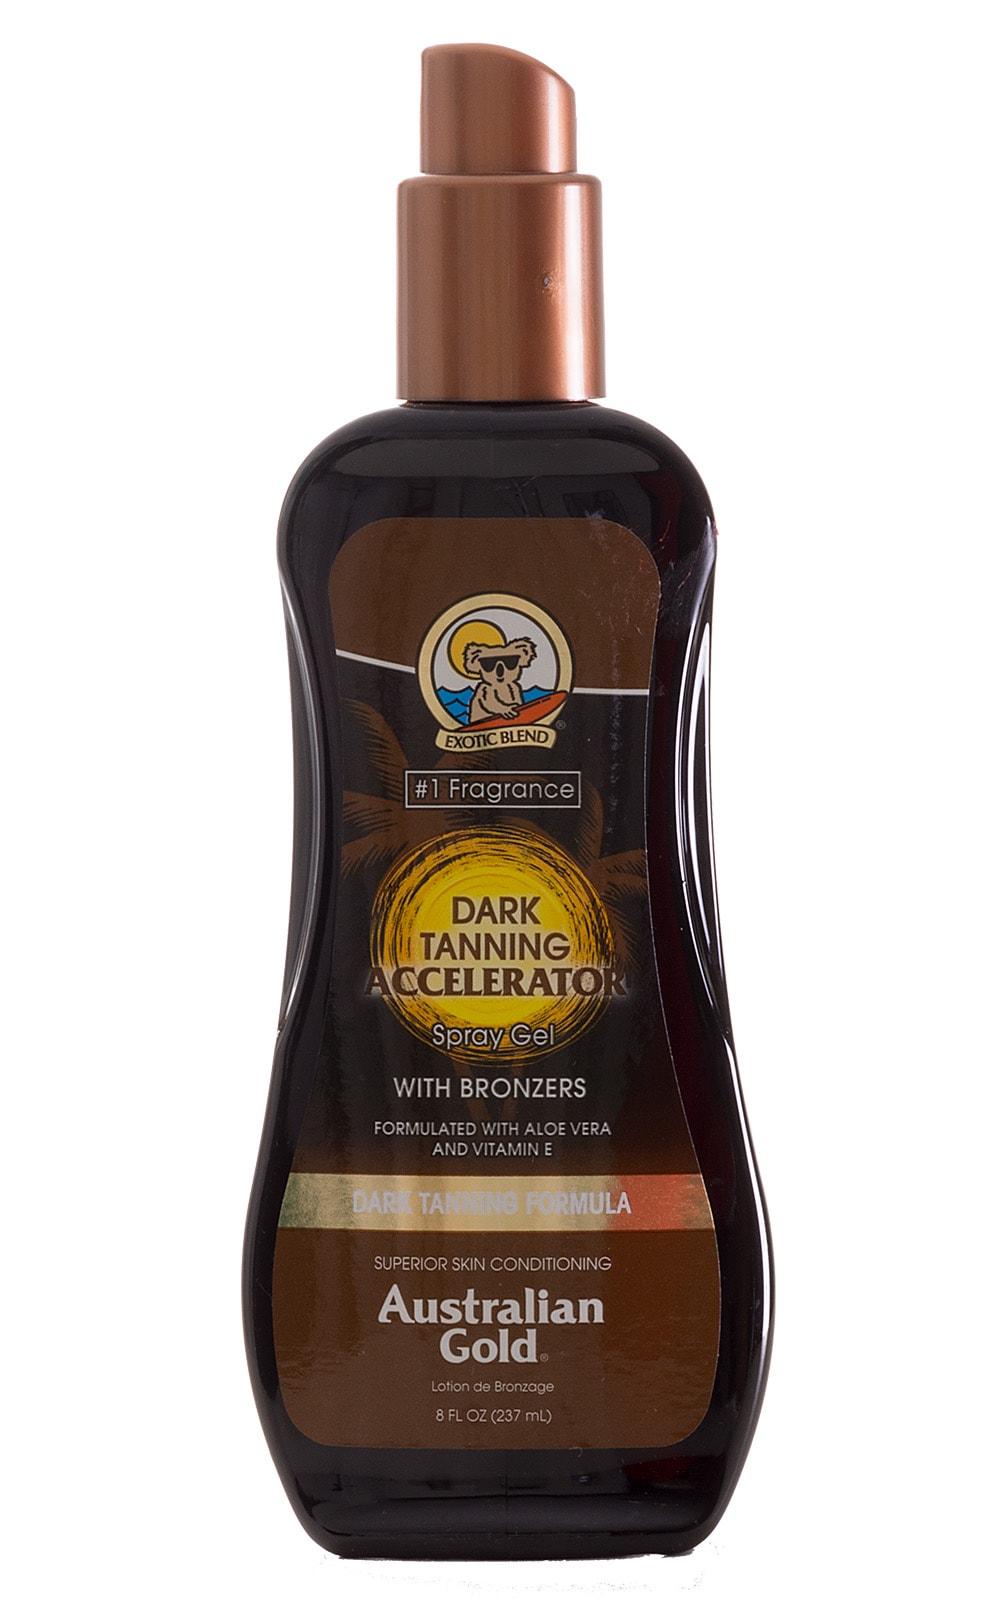 Australian Gold Dark Tanning Accelerator with Instant Bronzer Spray Gel 1